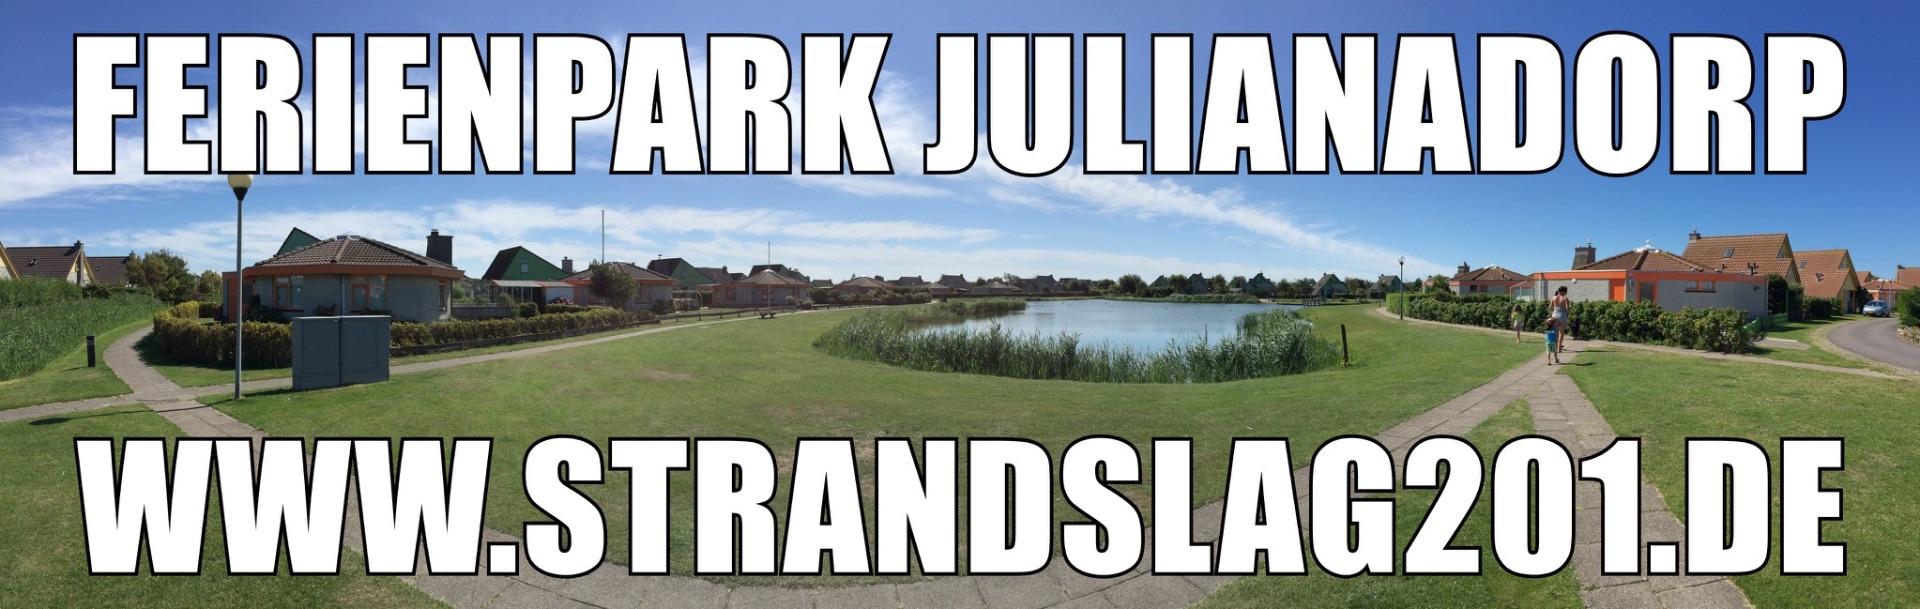 Ferienpark Julianadorp Privatvermietung